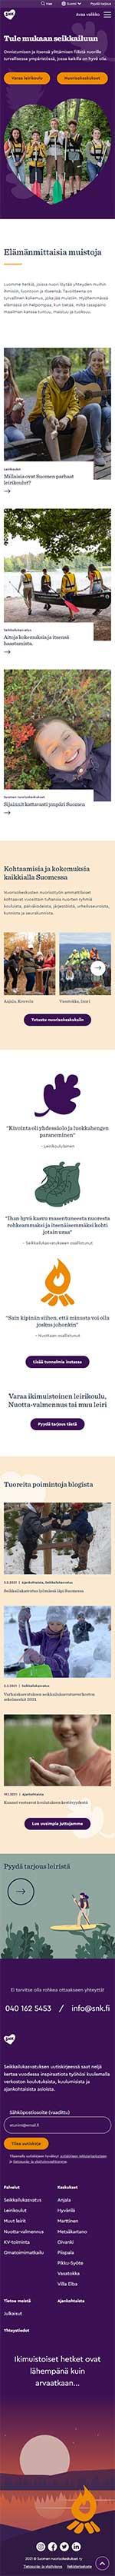 Suomen nuorisokeskukset verkkosivut mobile leiska